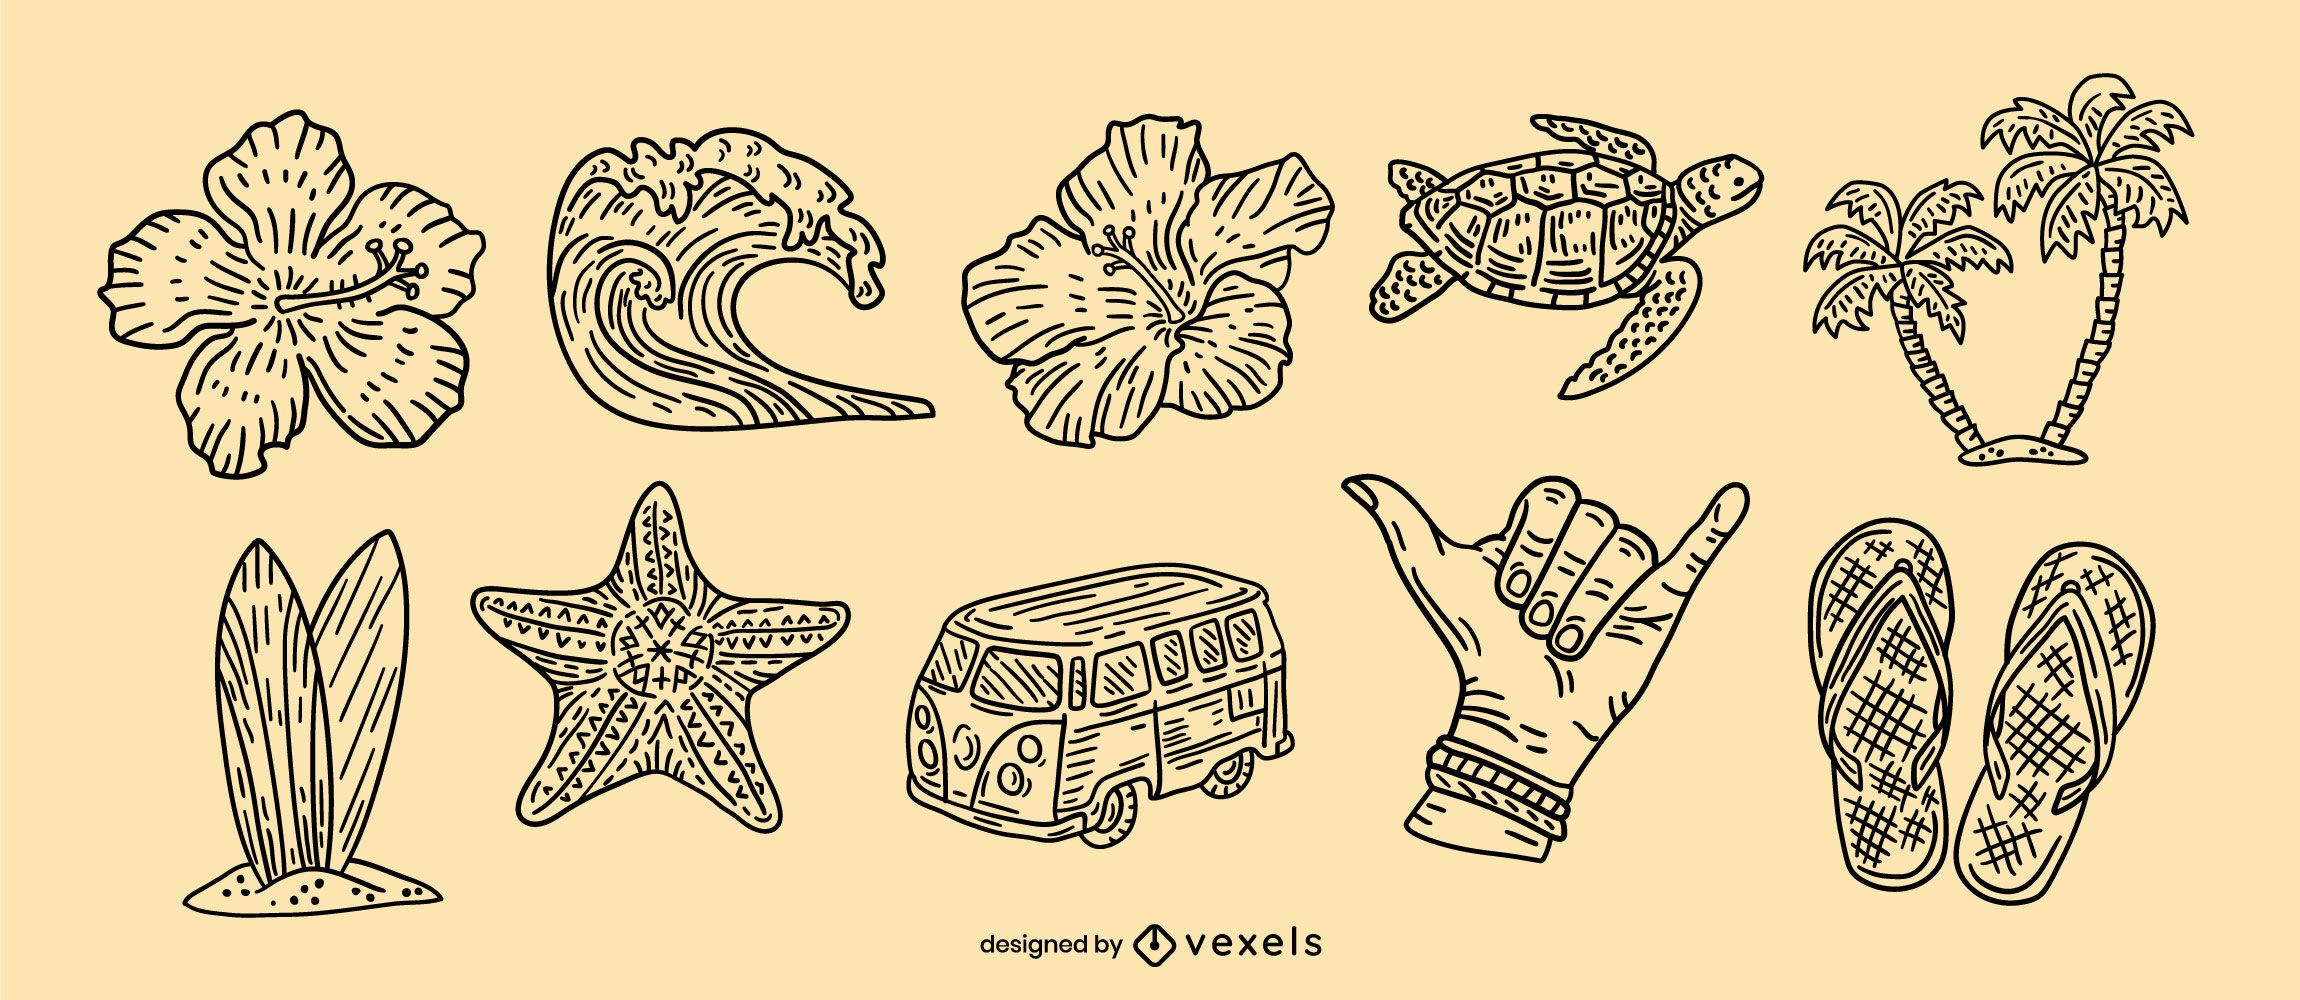 Conjunto de elementos dibujados a mano de Hawaii